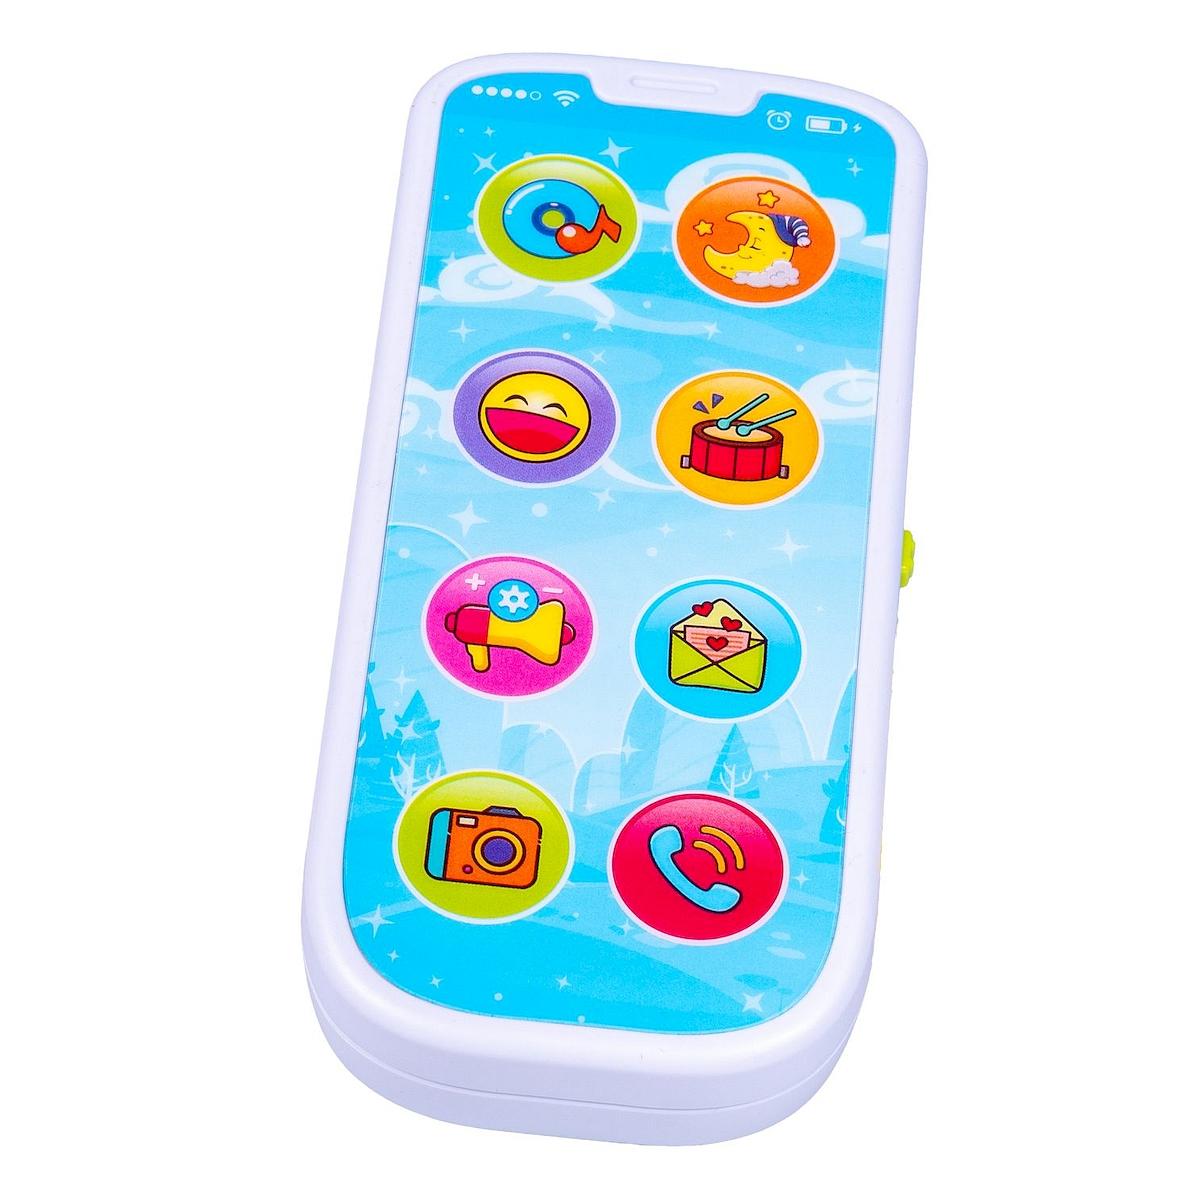 Smily Play, Smartfon / Pilot TV 2w1 (SP83660)